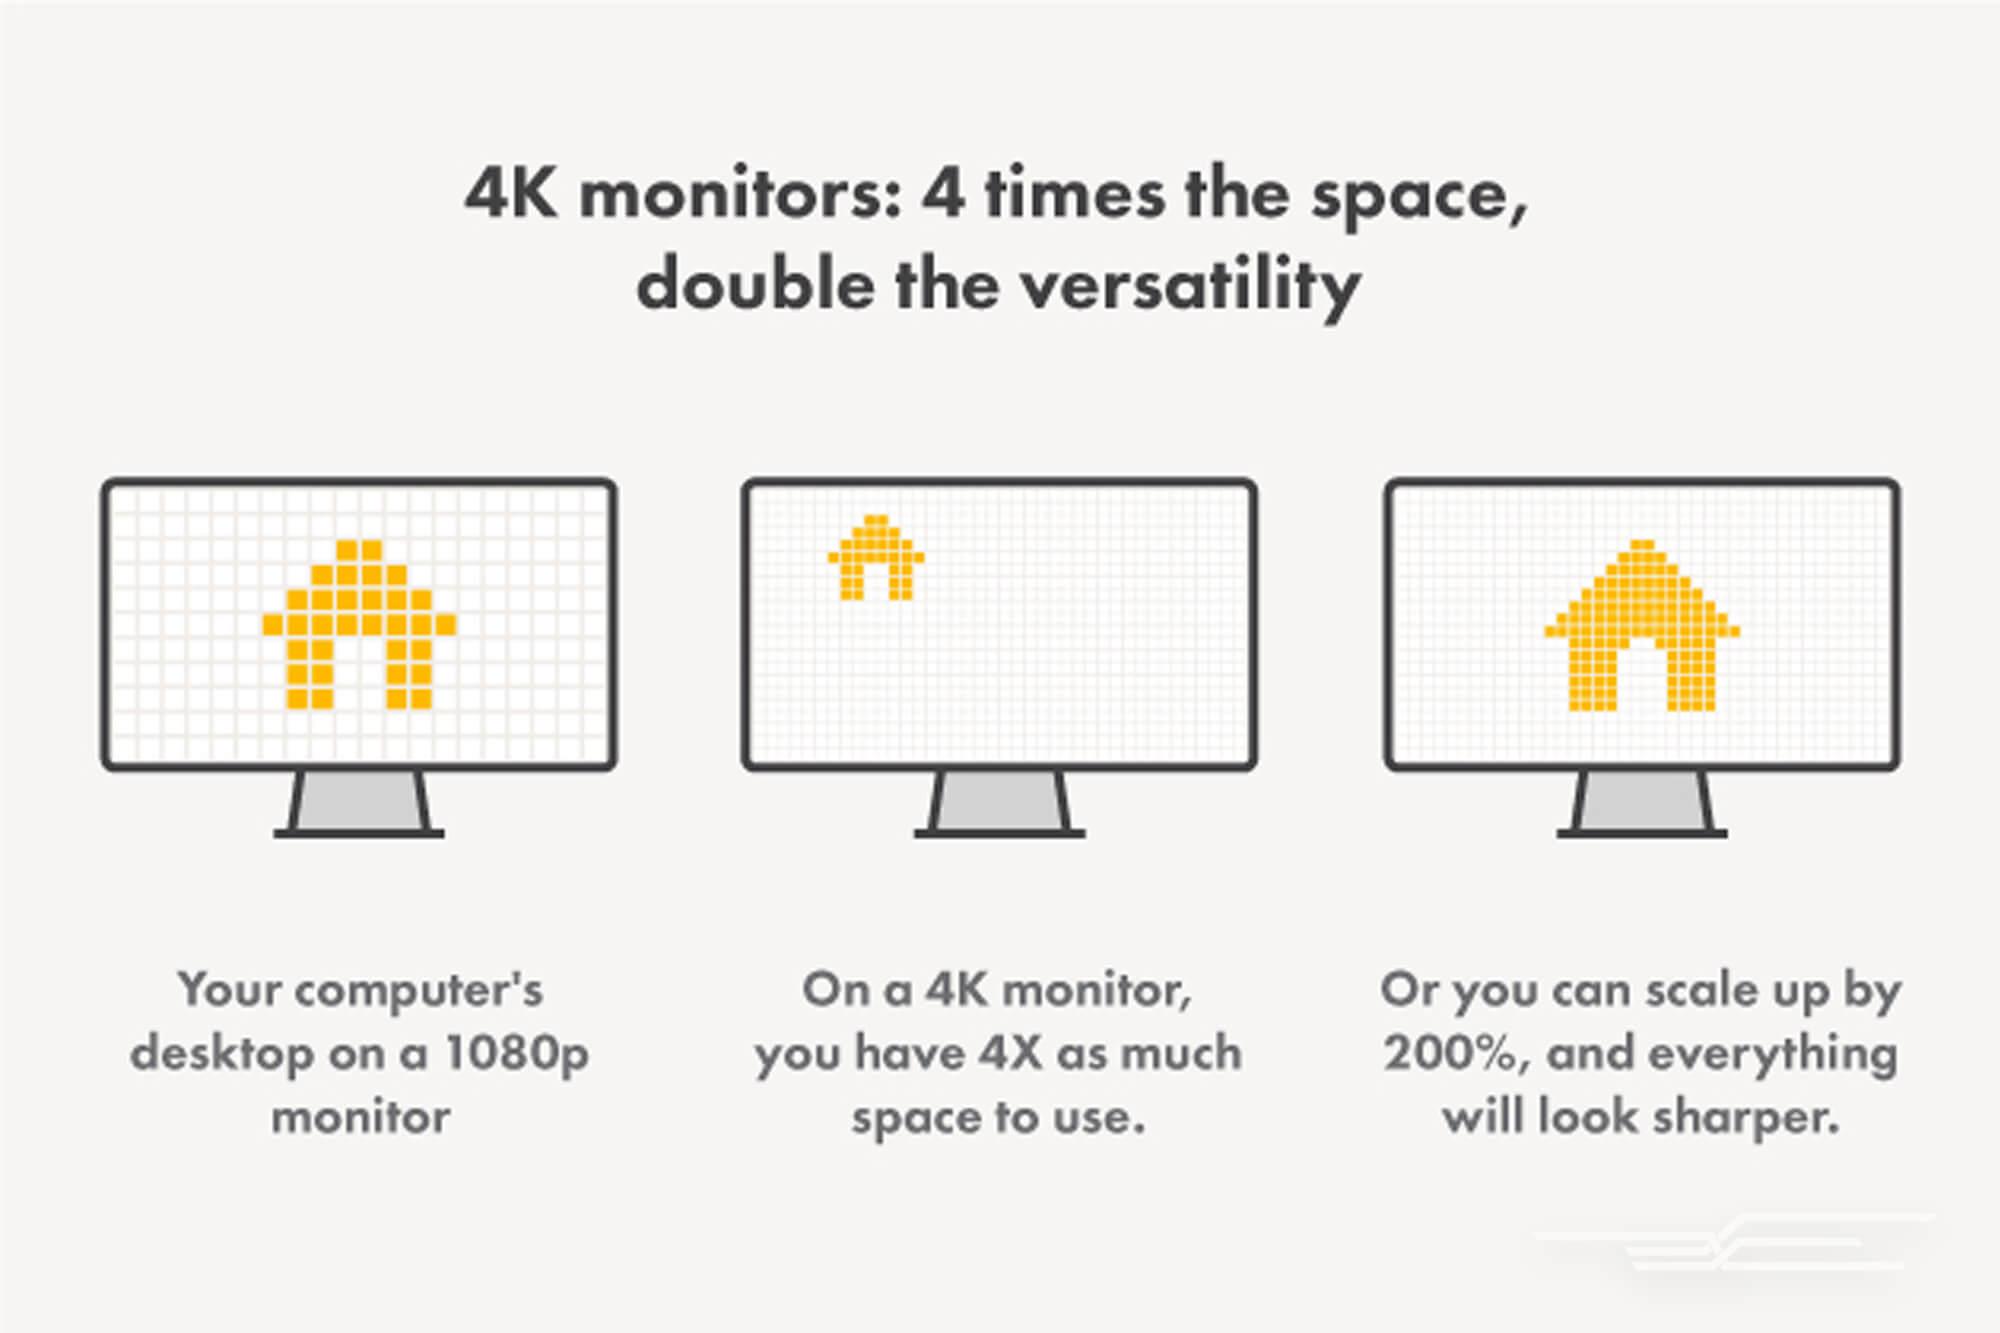 4k monitor details